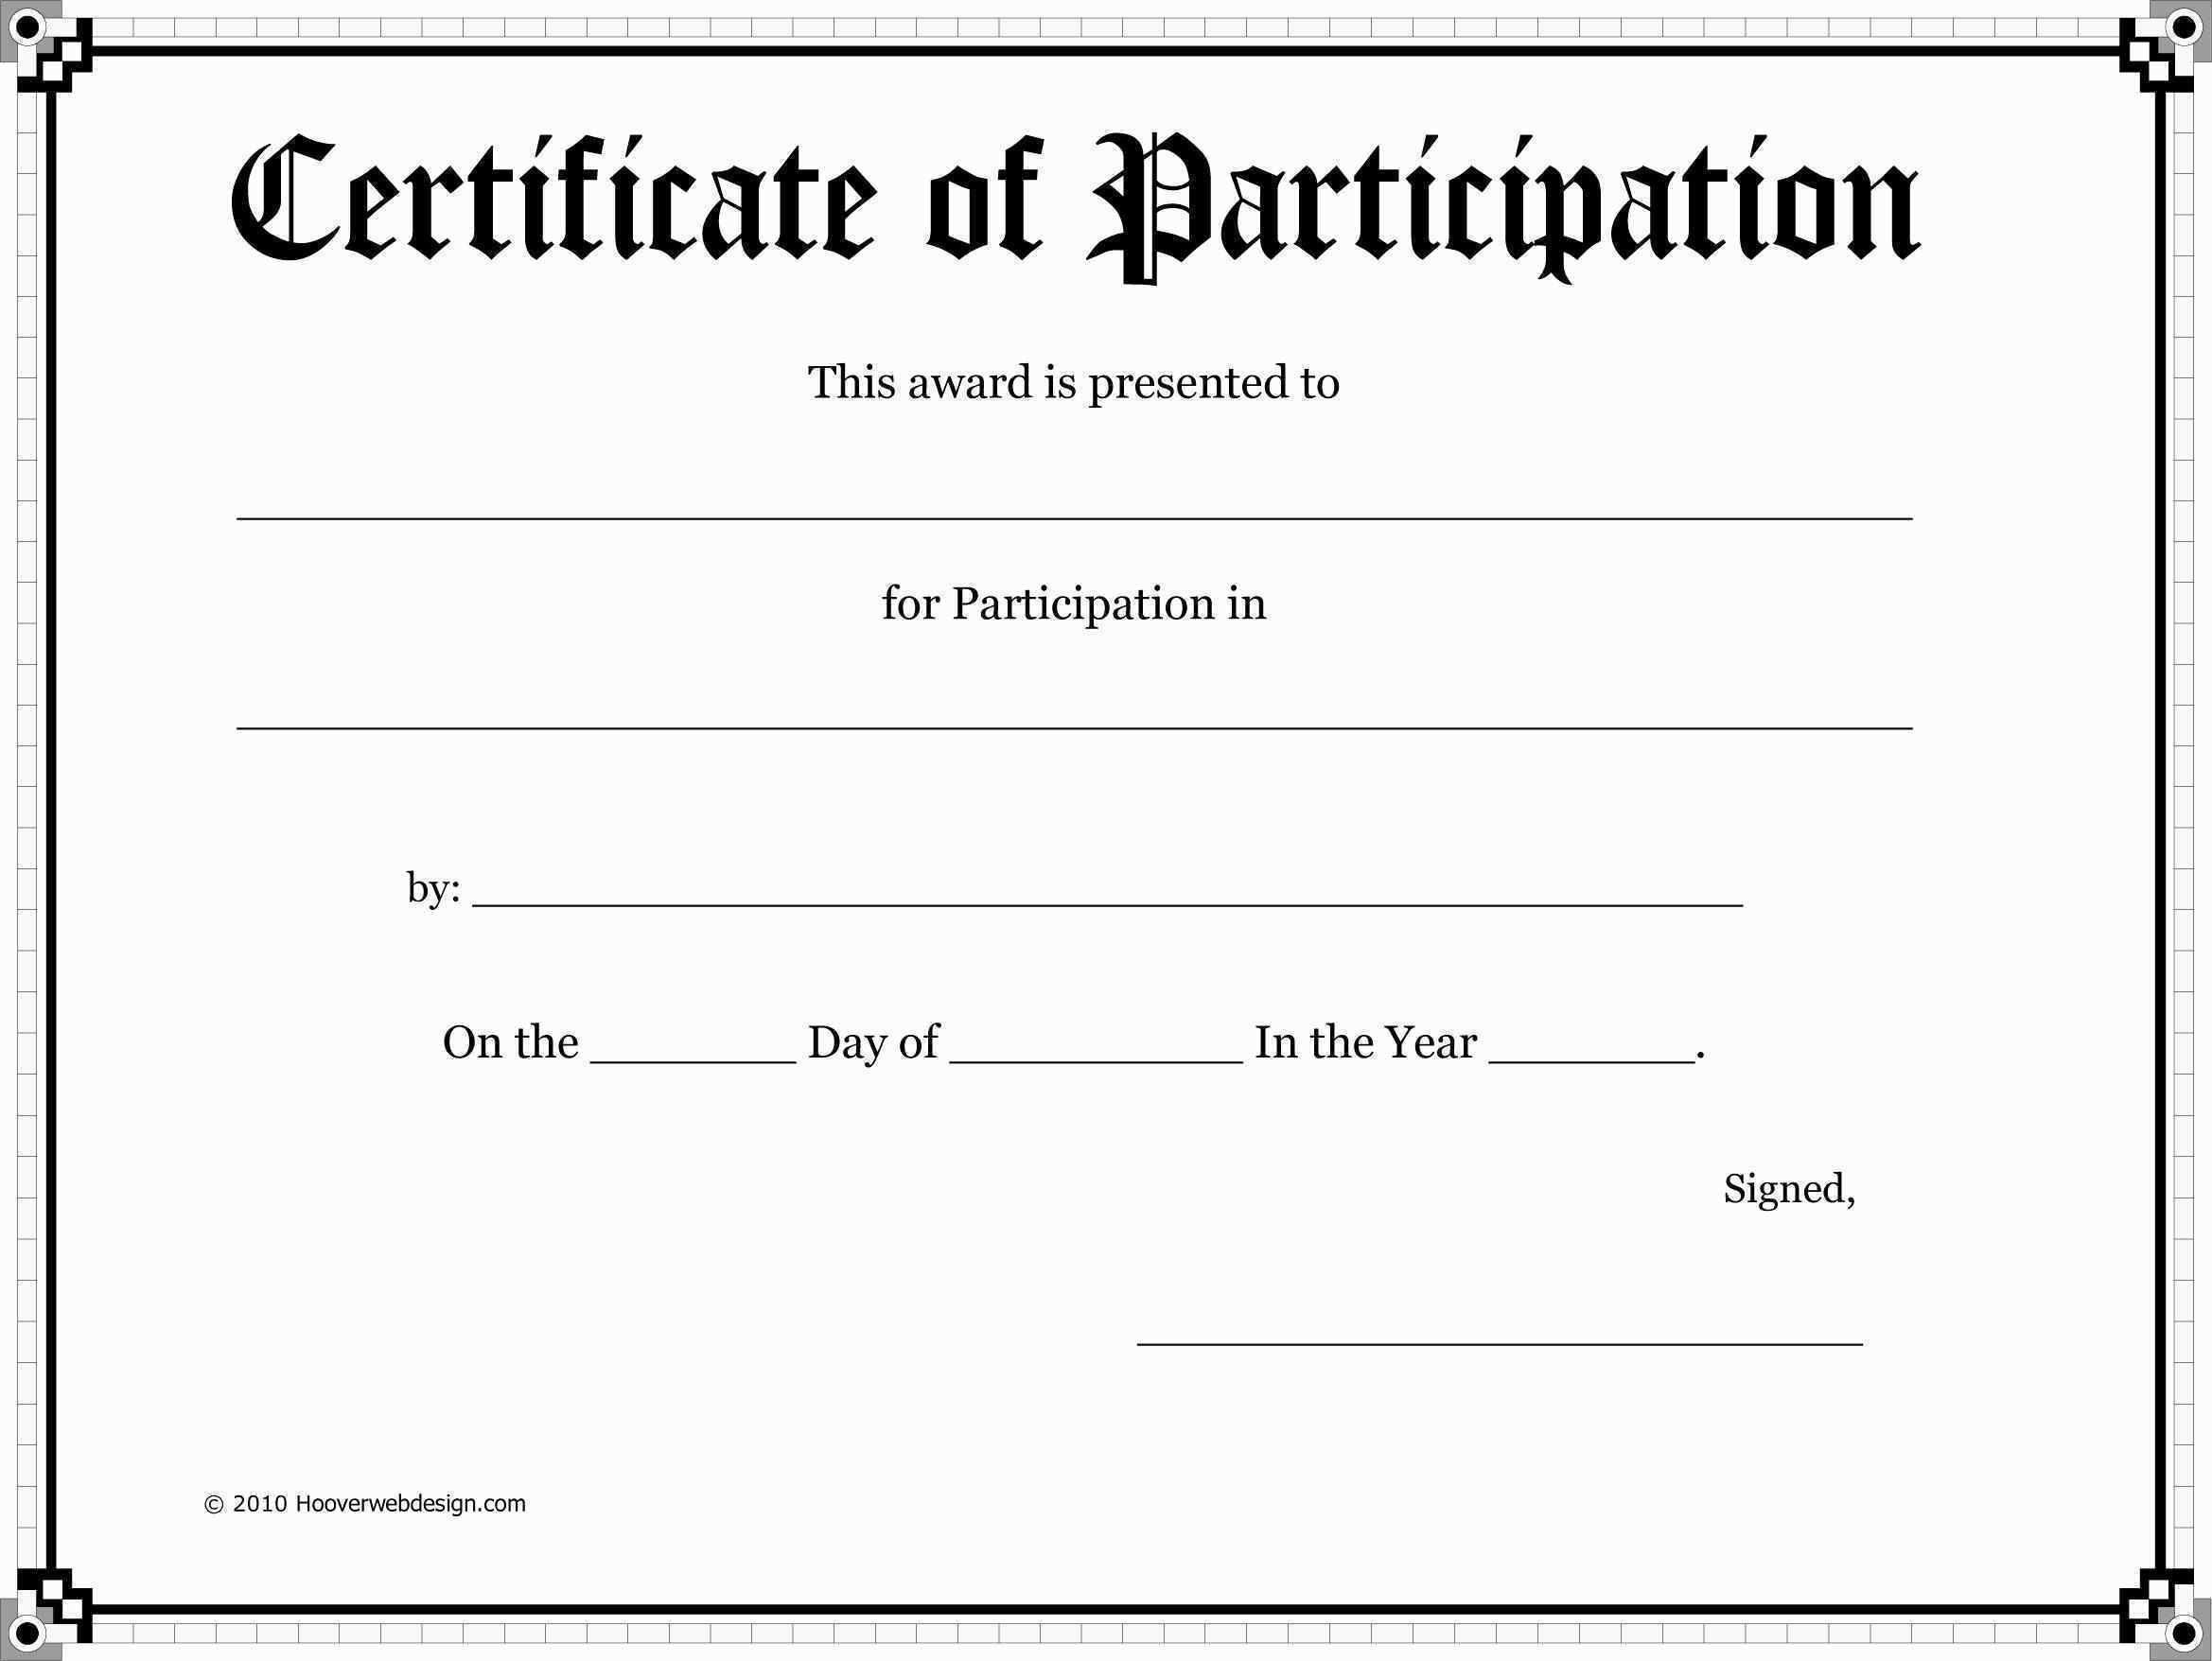 Attendance Award Certificate Templates Fresh 14 Best Attendance